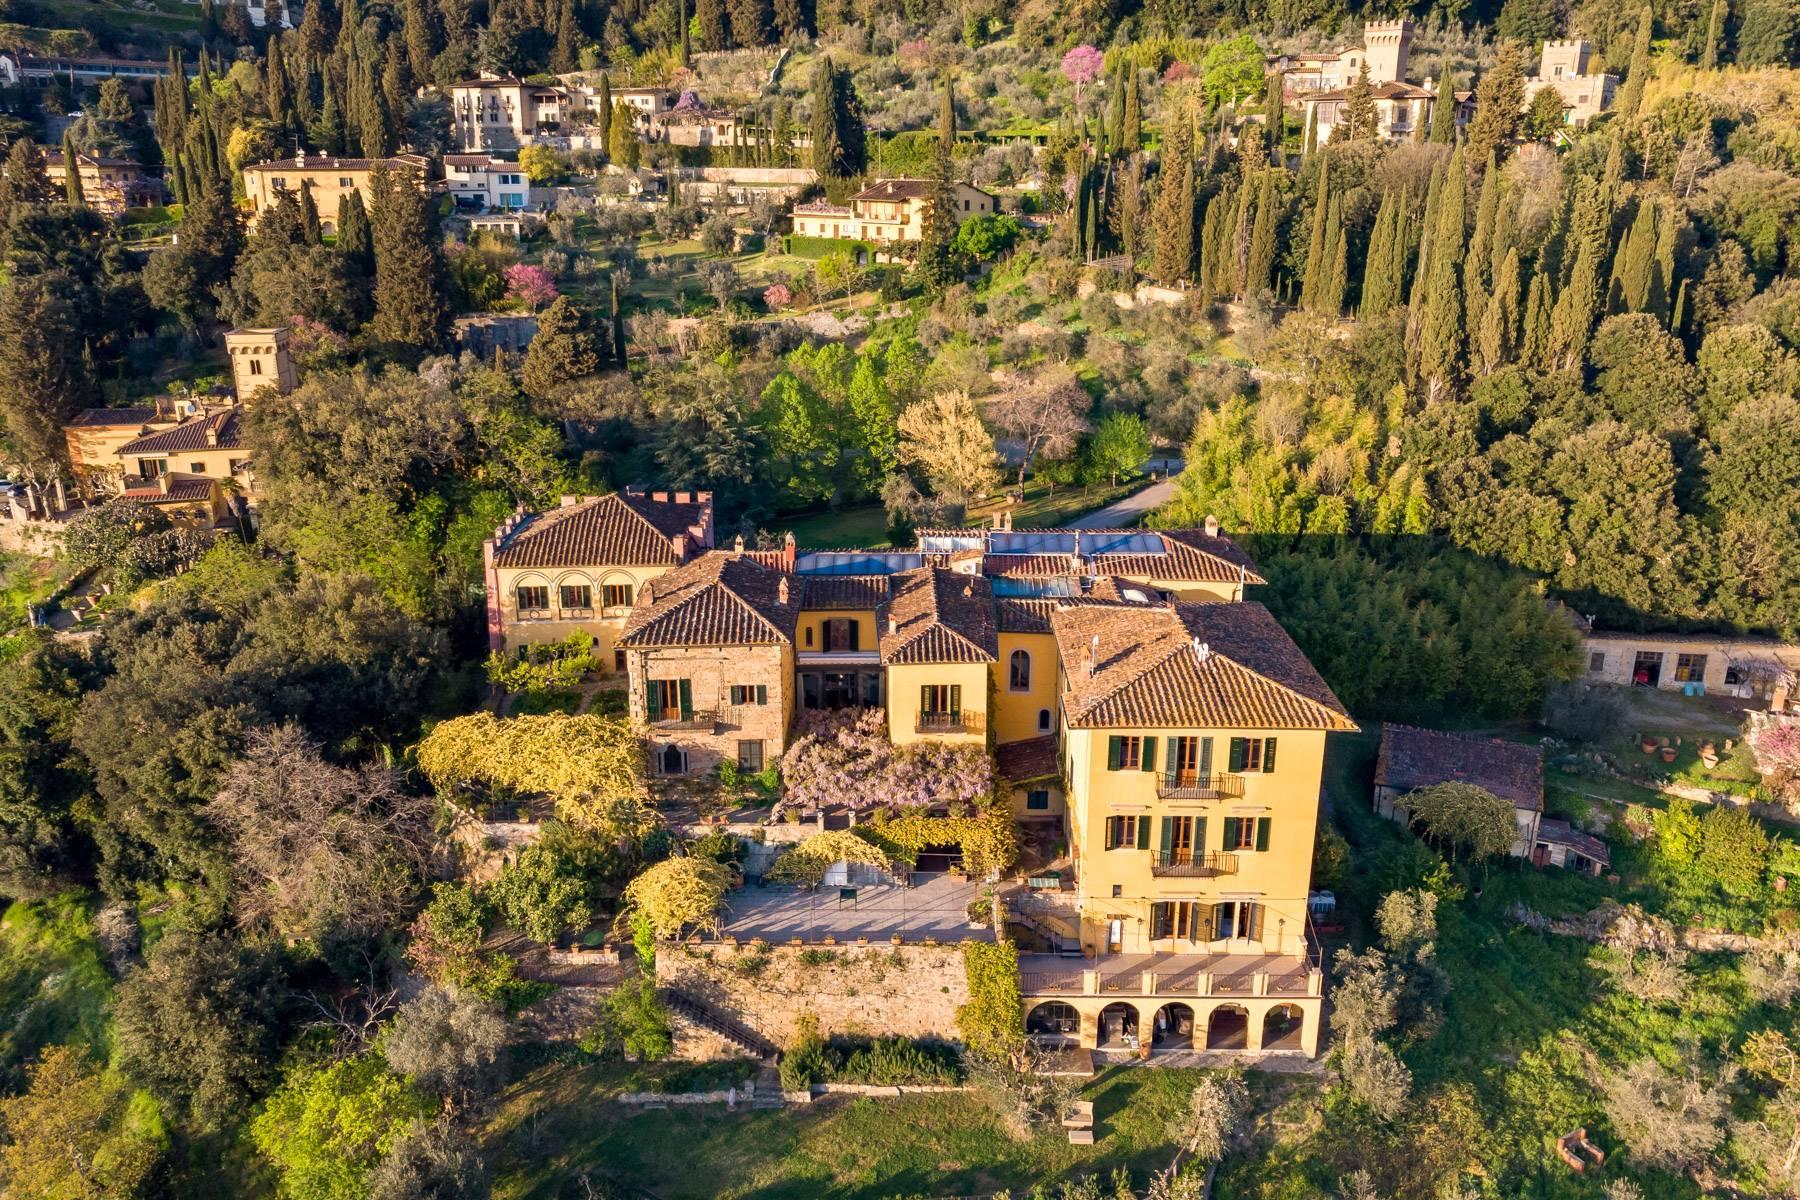 Große historische Villa in Fiesole mit einem unvergleichlichen Blick auf Florenz - 1